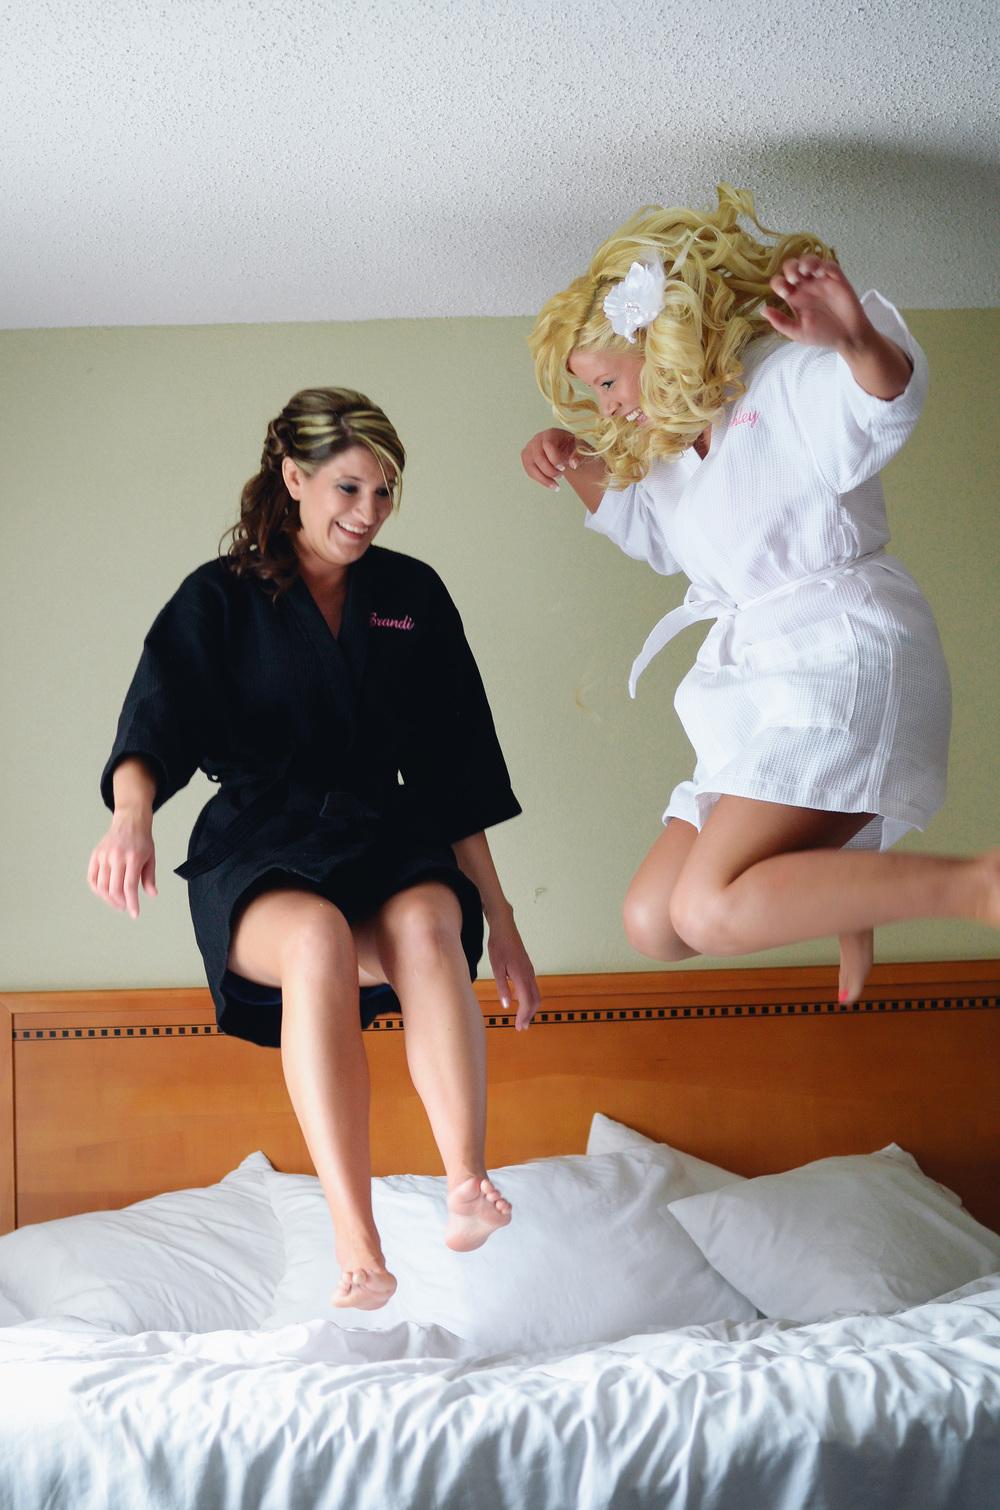 wedding-getting-ready_0017.jpg